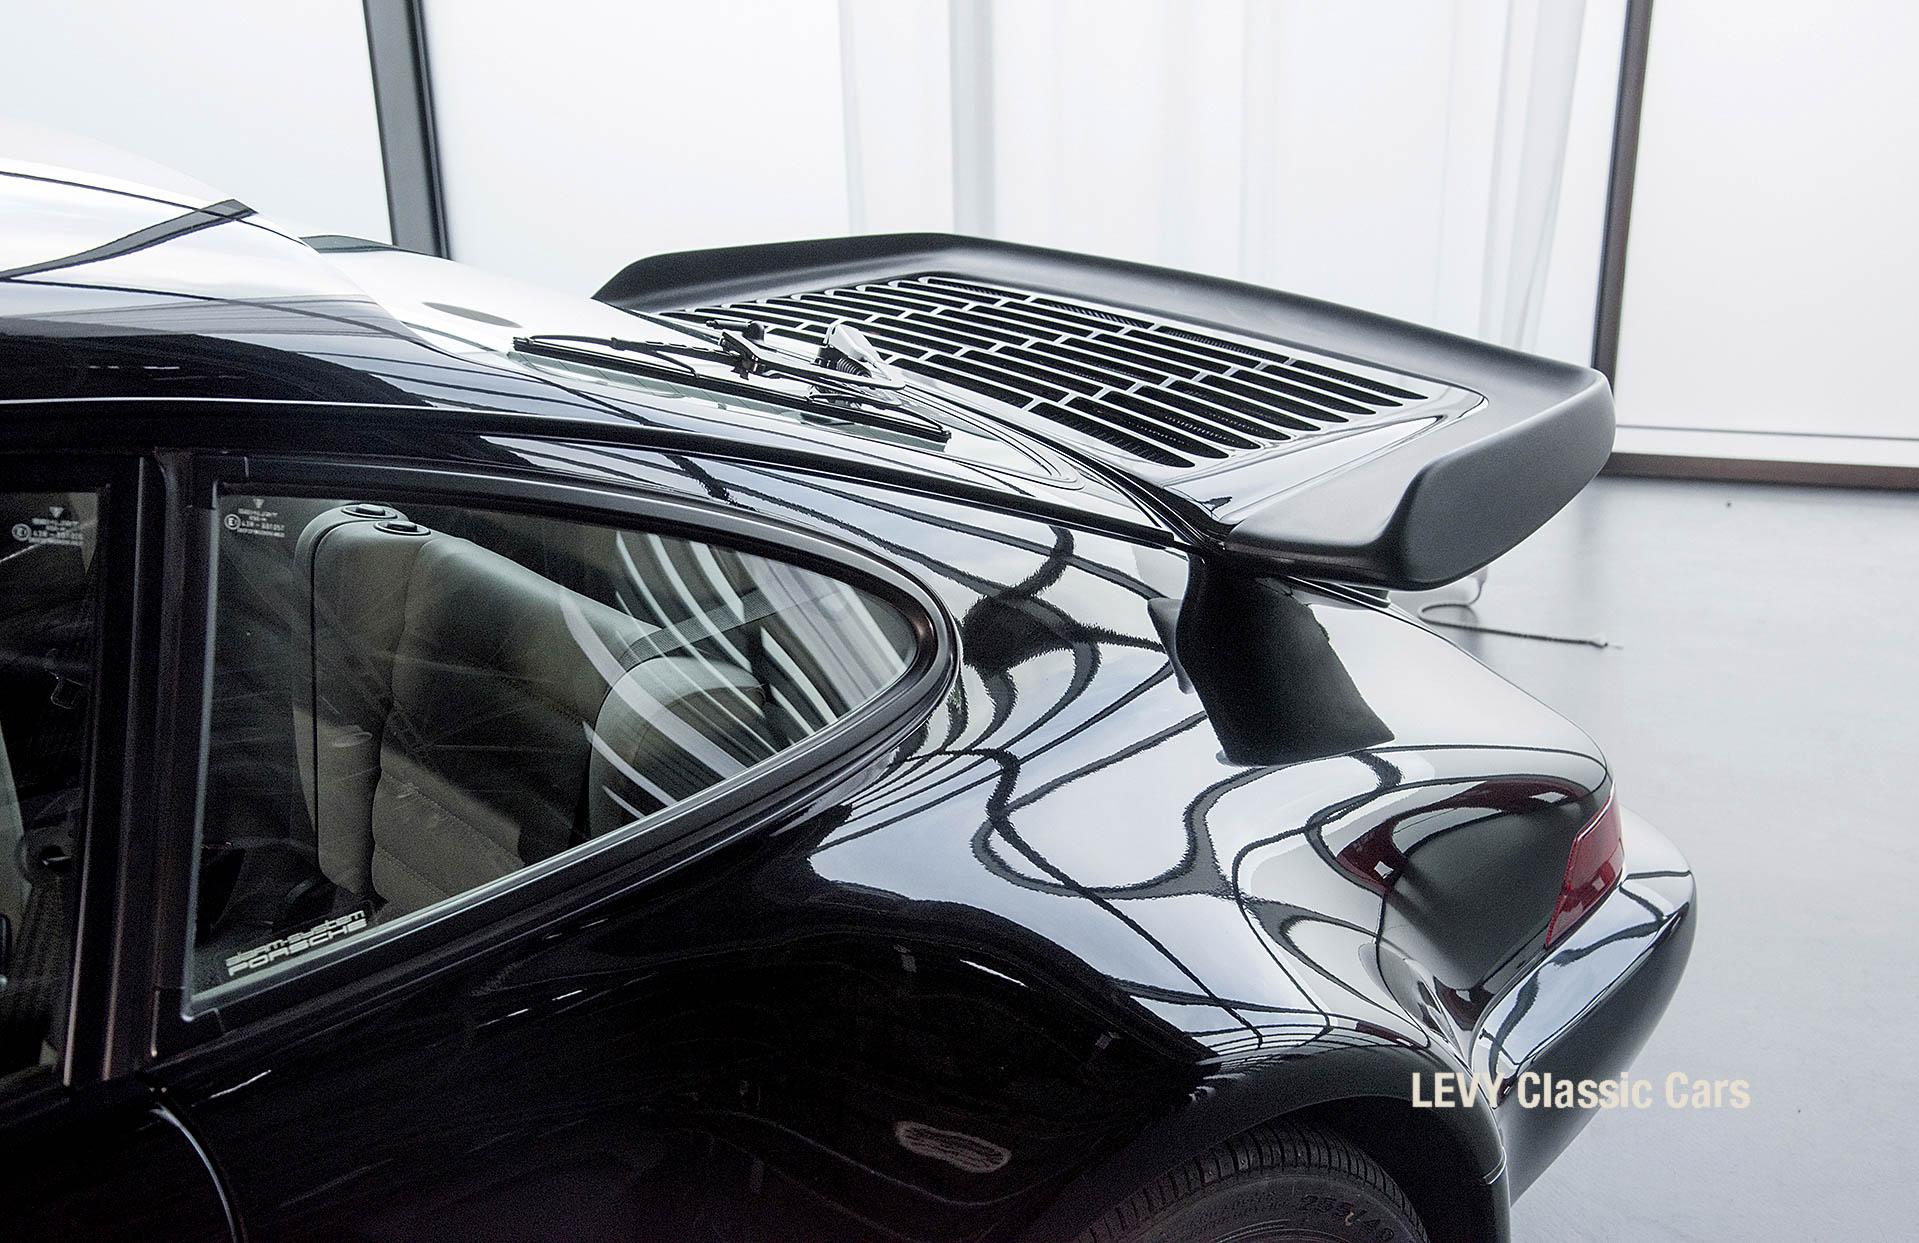 Porsche Turbo 72200 schwarz 78